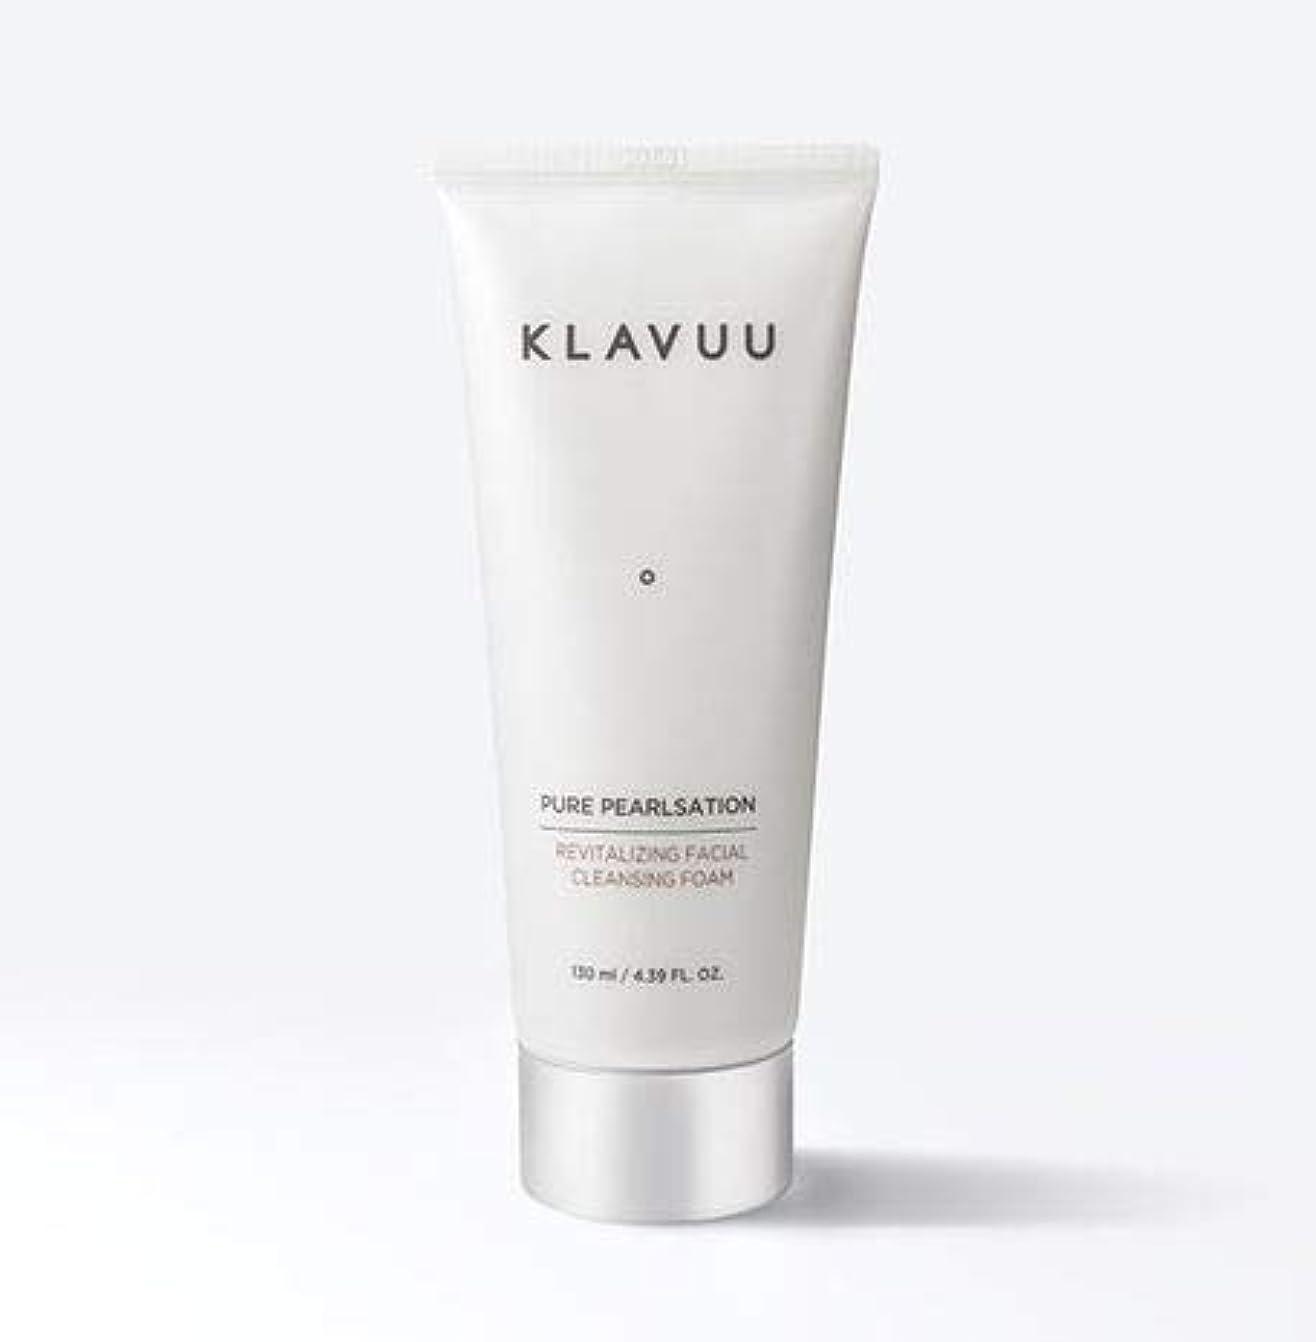 基礎理論付属品応援する[ Klavuu ] PURE PEARLSATION Revitalizing Facial Cleansing Foam /[クラビュー ] ピュア パールセ―ション リバイタライジング フェイシャル クレンジング フォーム [並行輸入品]